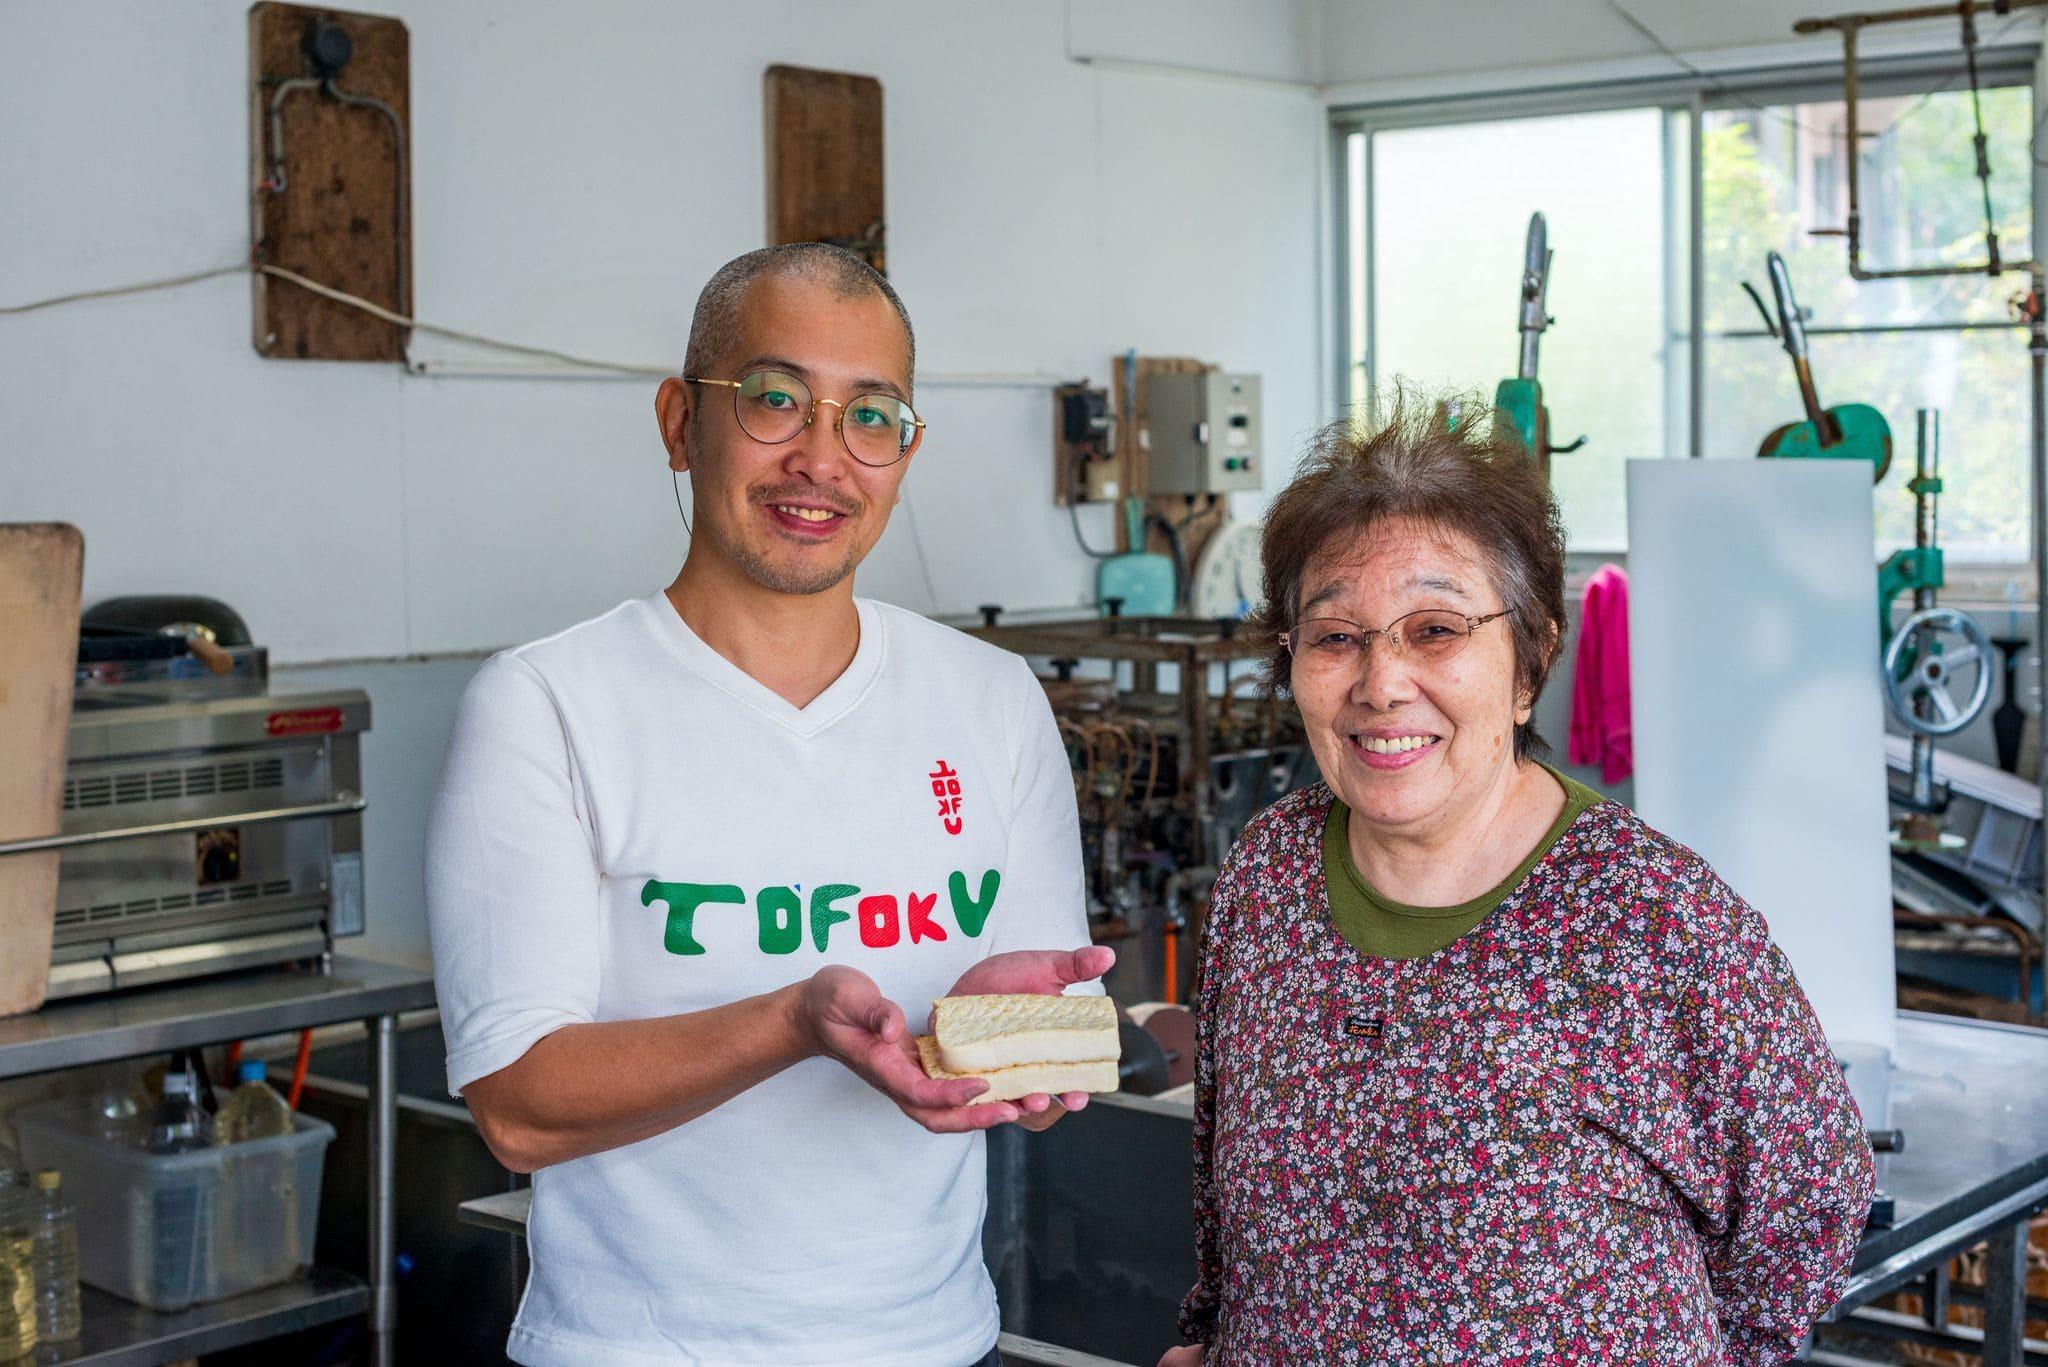 豆腐を通して東北を発信したい「TOFokU」の挑戦 - relay(リレイ)